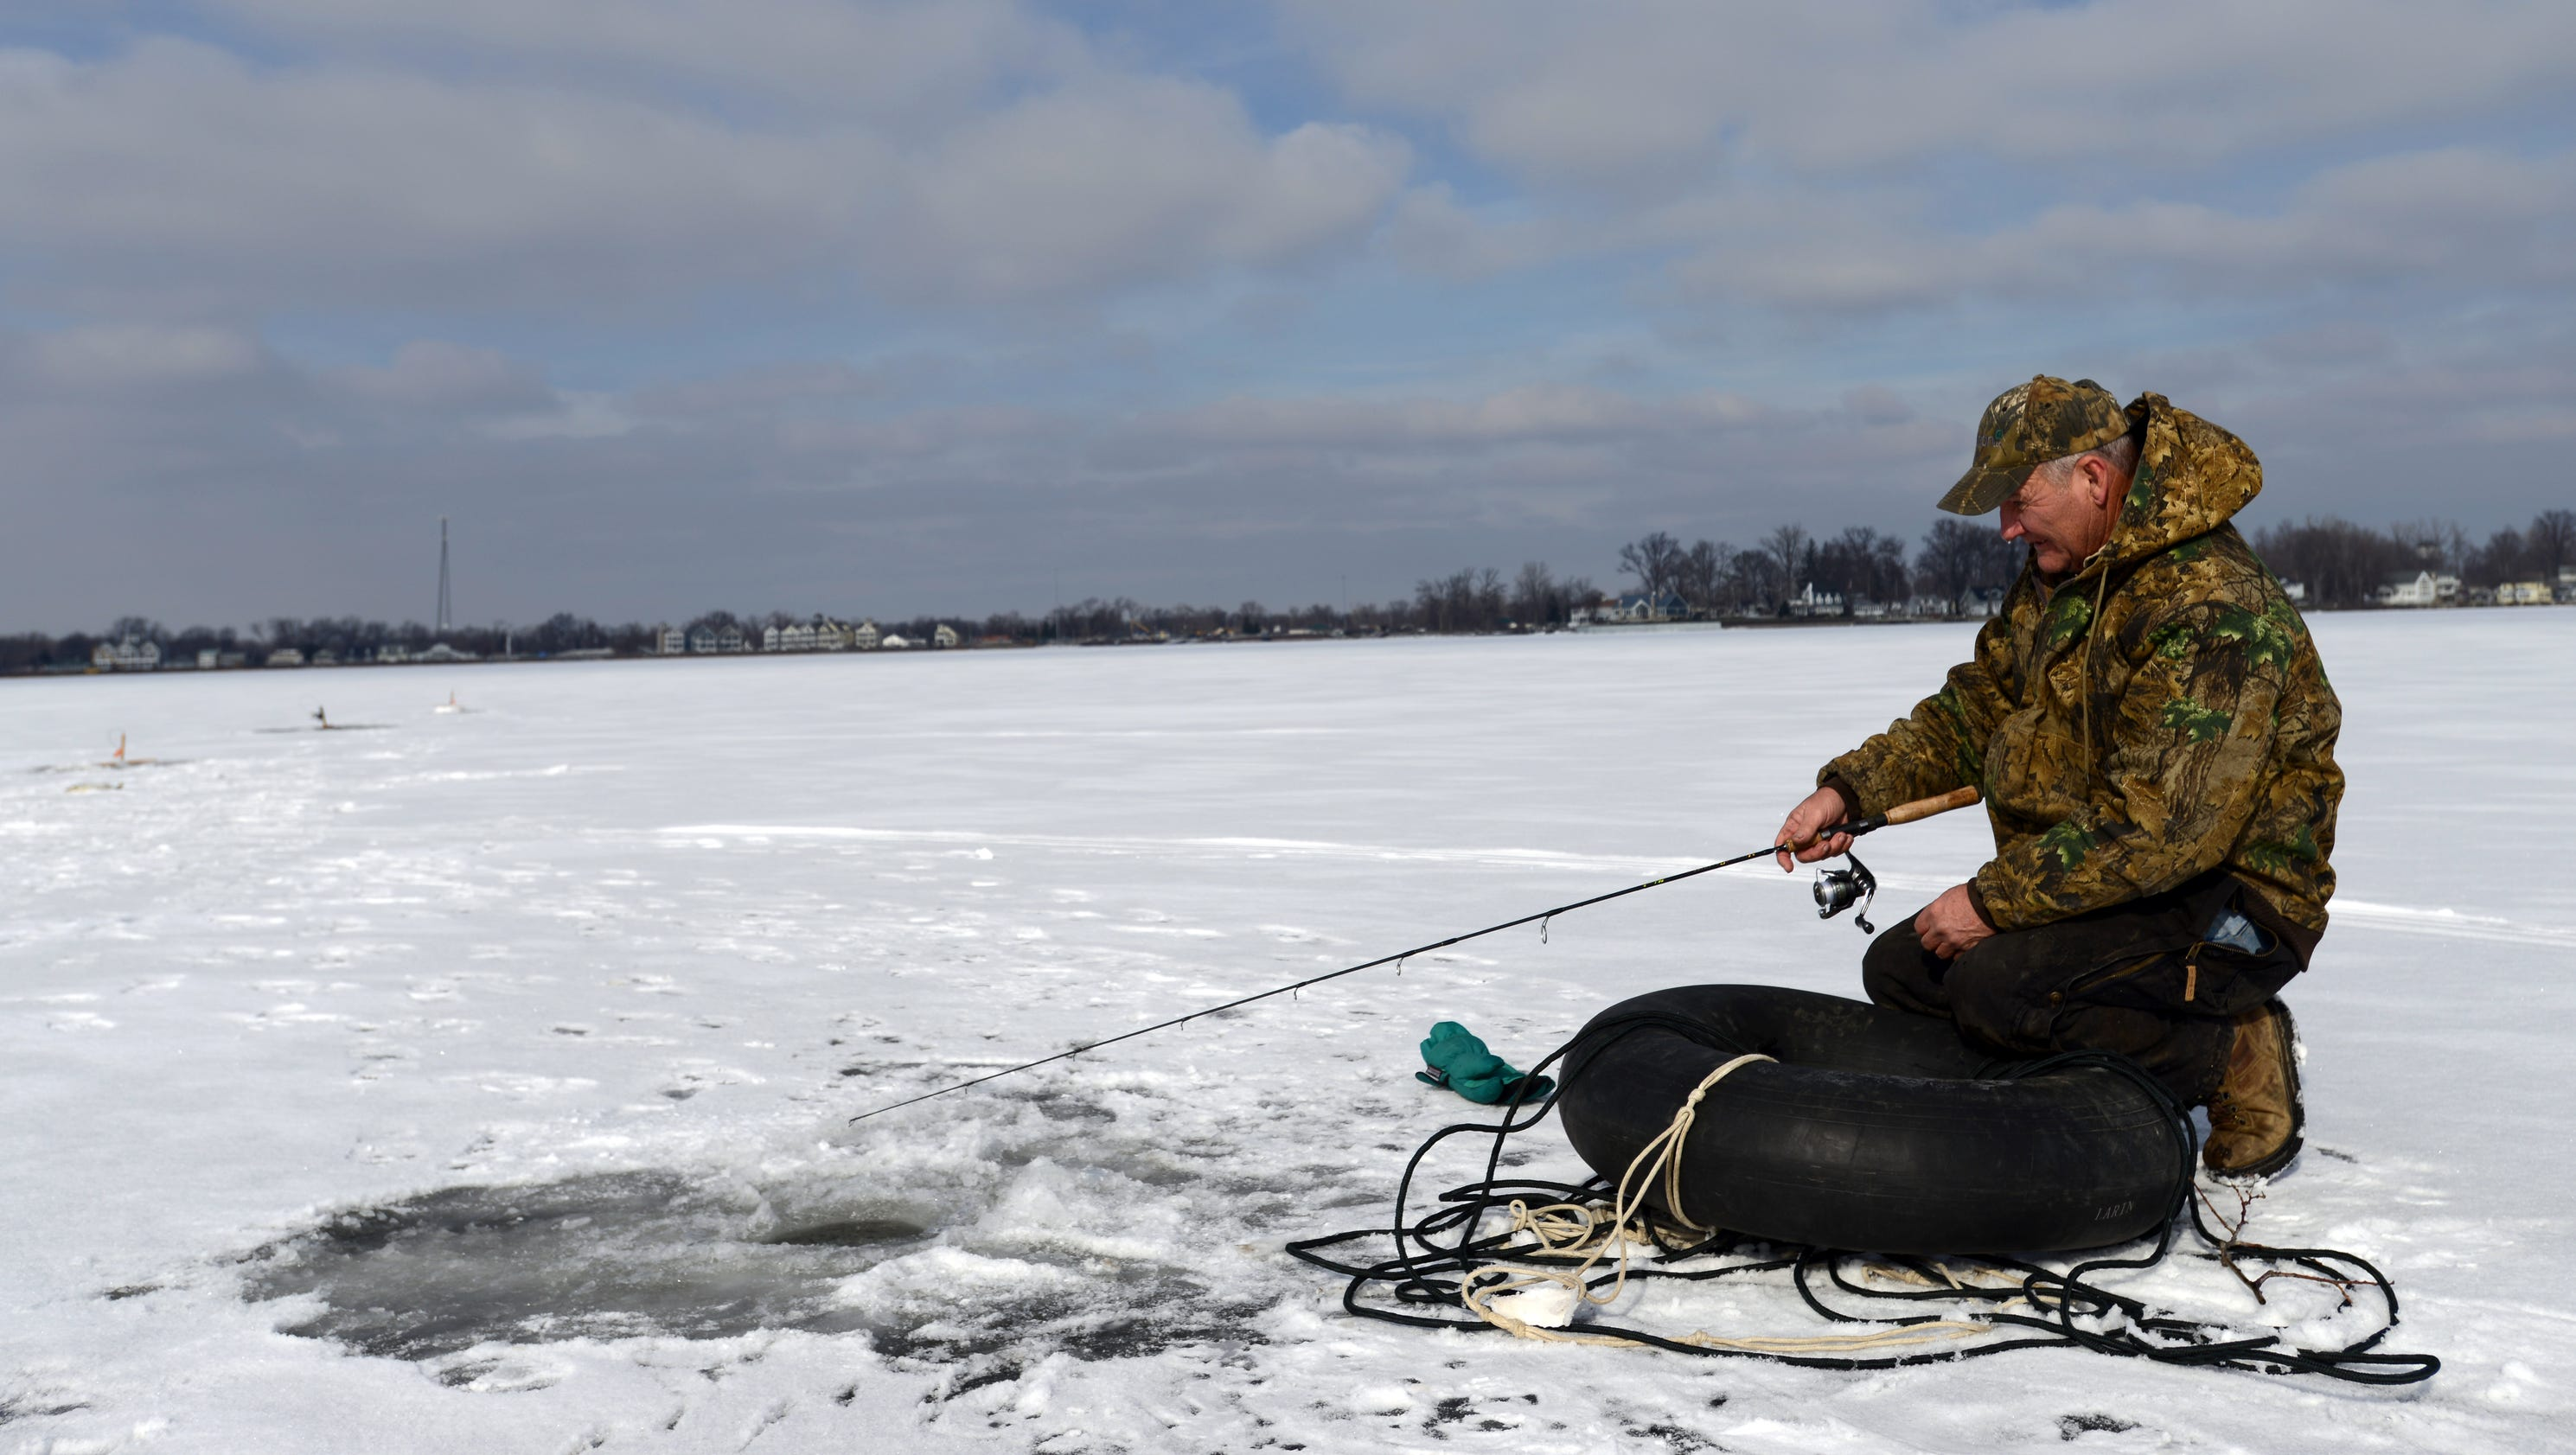 Ice fishing on buckeye lake for Ice fishing videos